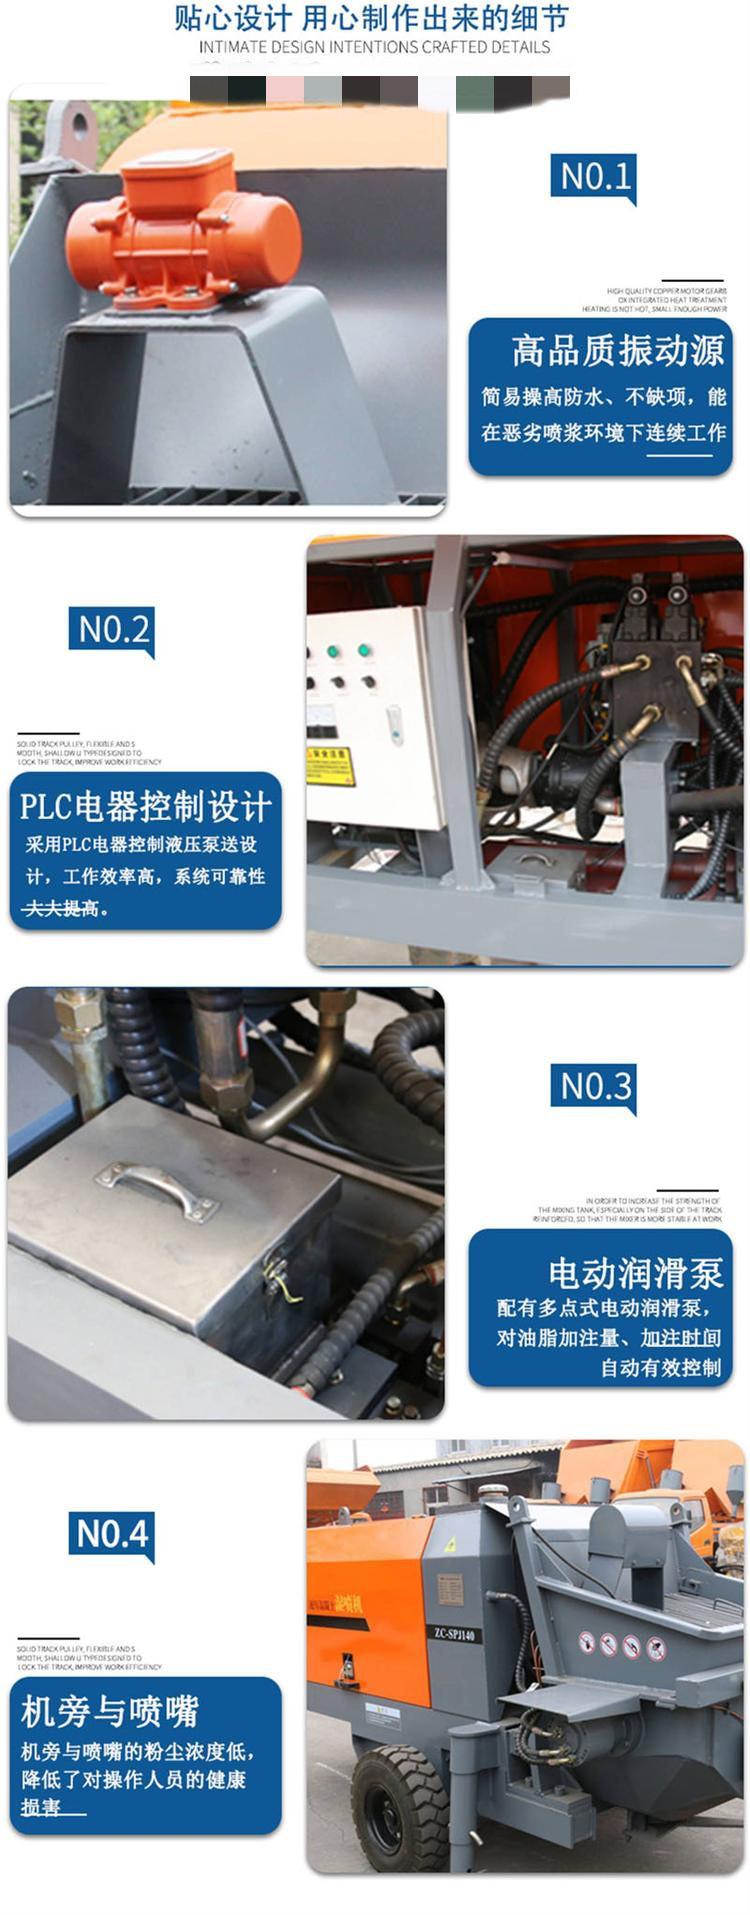 四川凉山小型湿喷机小型湿喷机配件